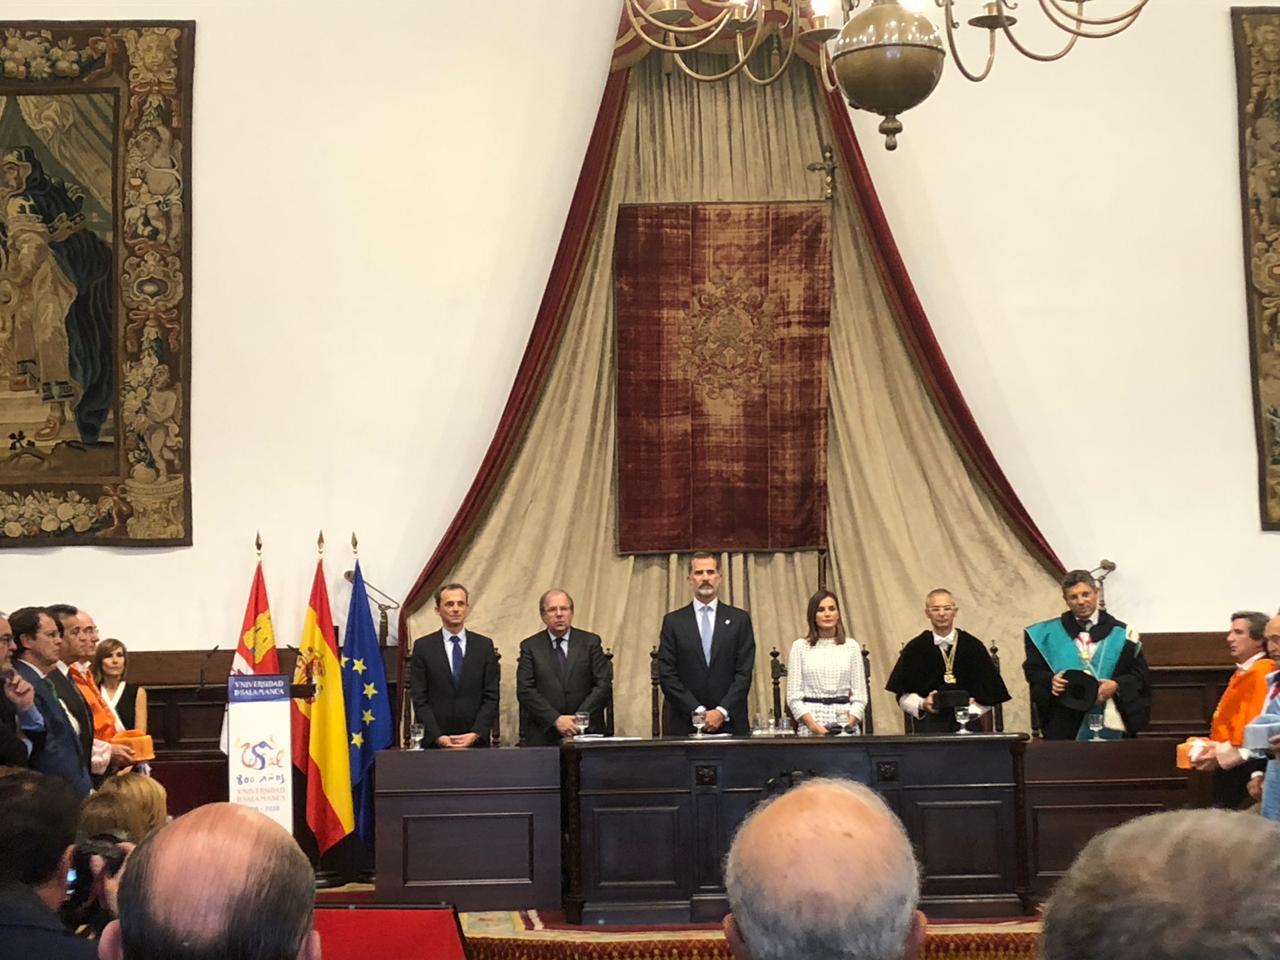 وزير التعليم العالي يشارك فى توقيع الوثيقة الملكية لتعاون الجامعات الاوربية